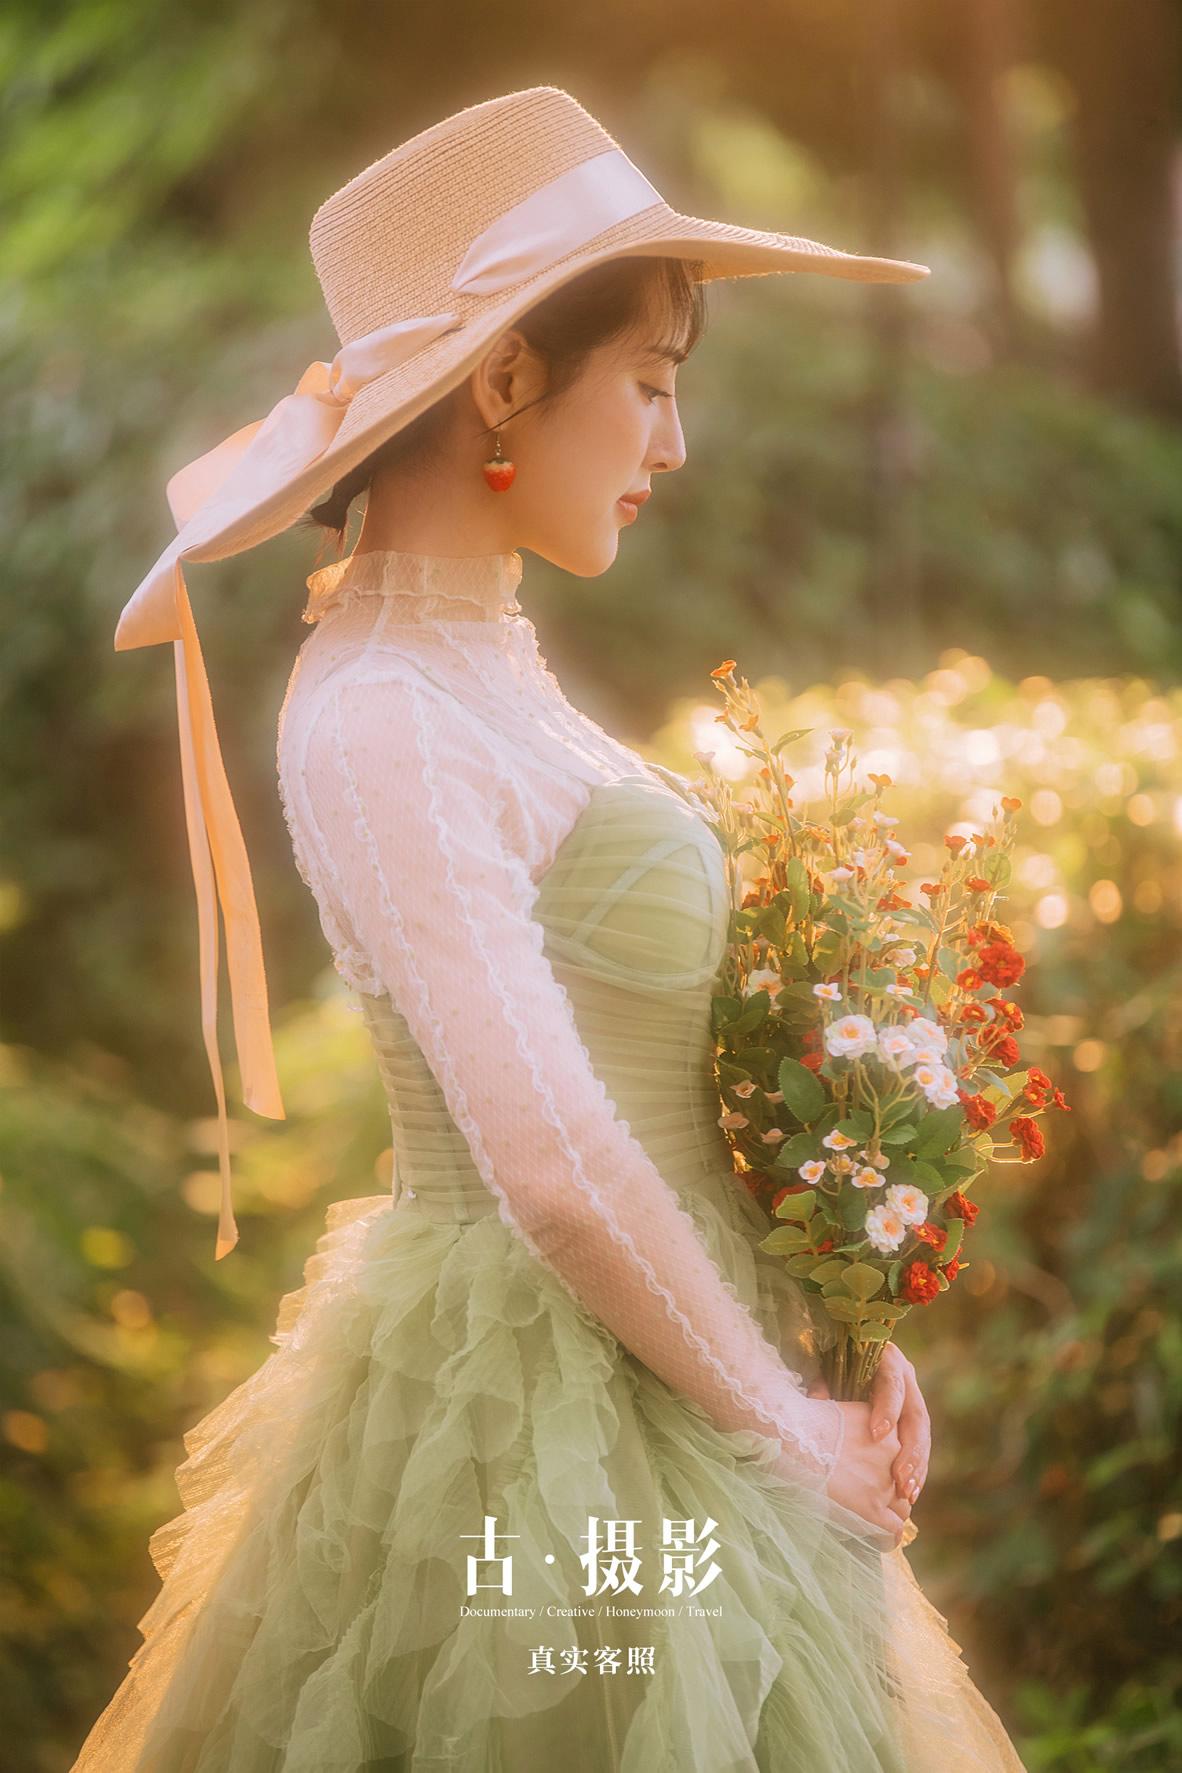 夏天夫妇 - 每日客照 - 古摄影婚纱艺术-古摄影成都婚纱摄影艺术摄影网